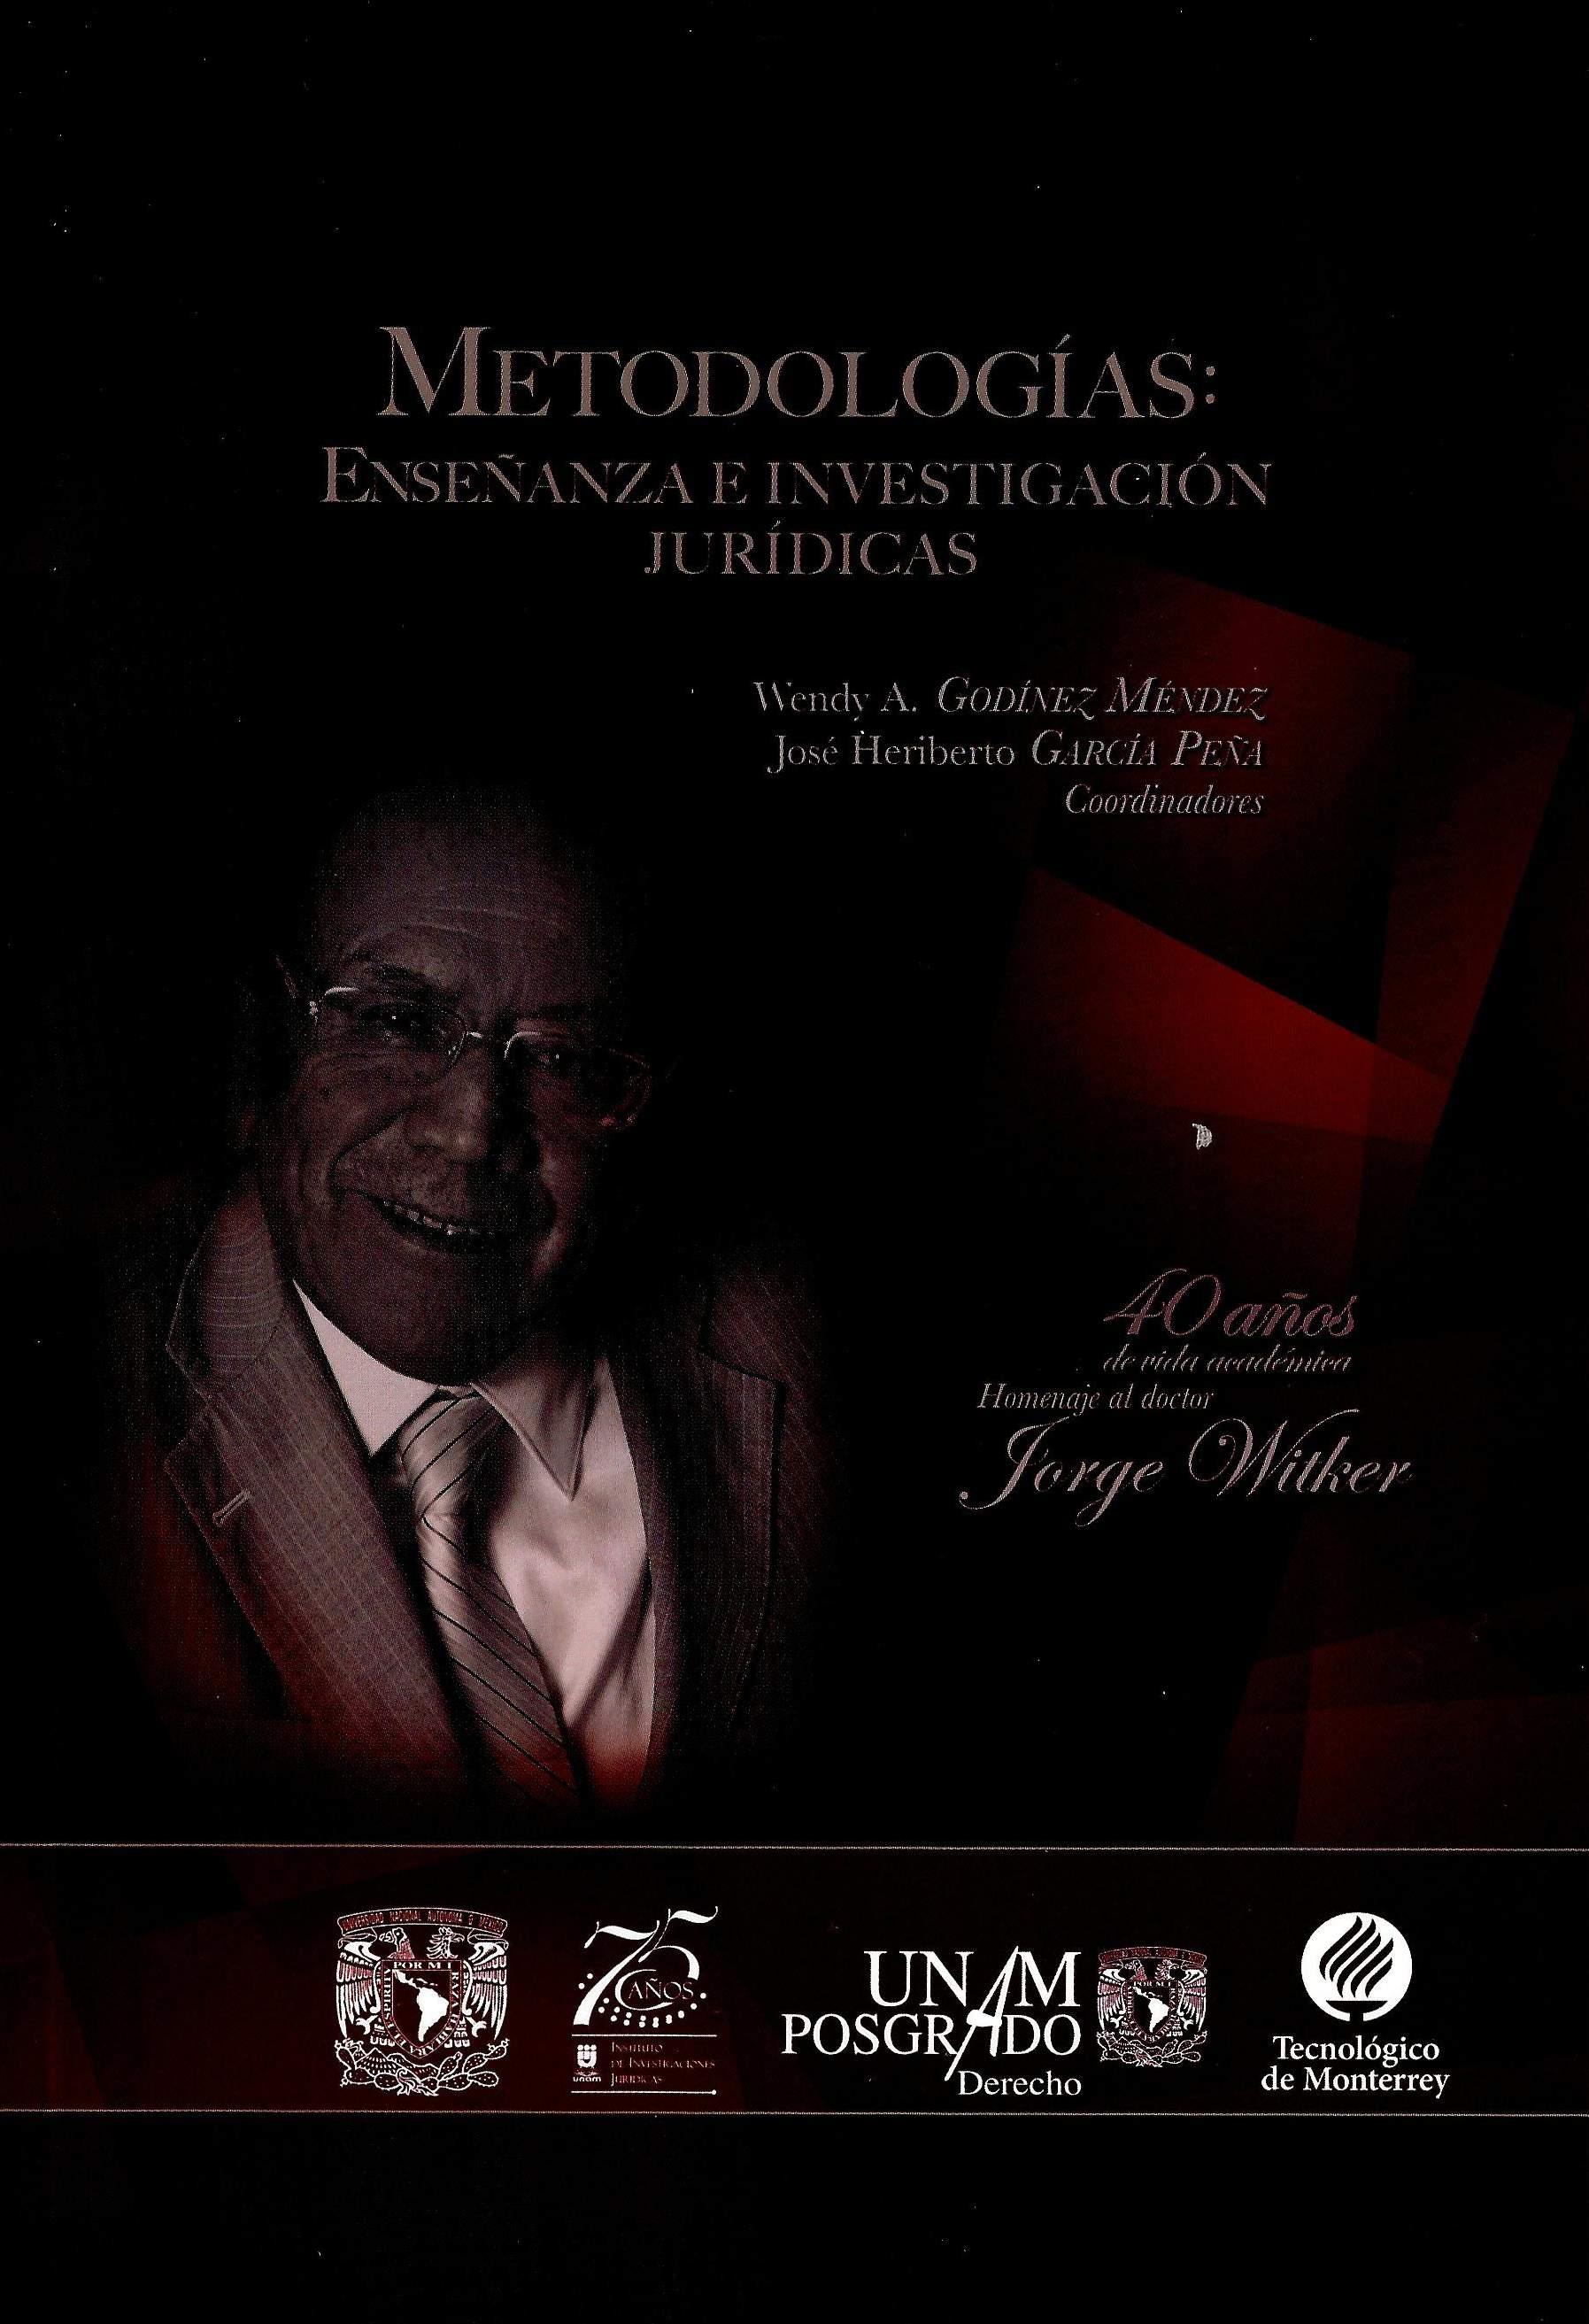 Metodologías: enseñanza e investigación jurídicas